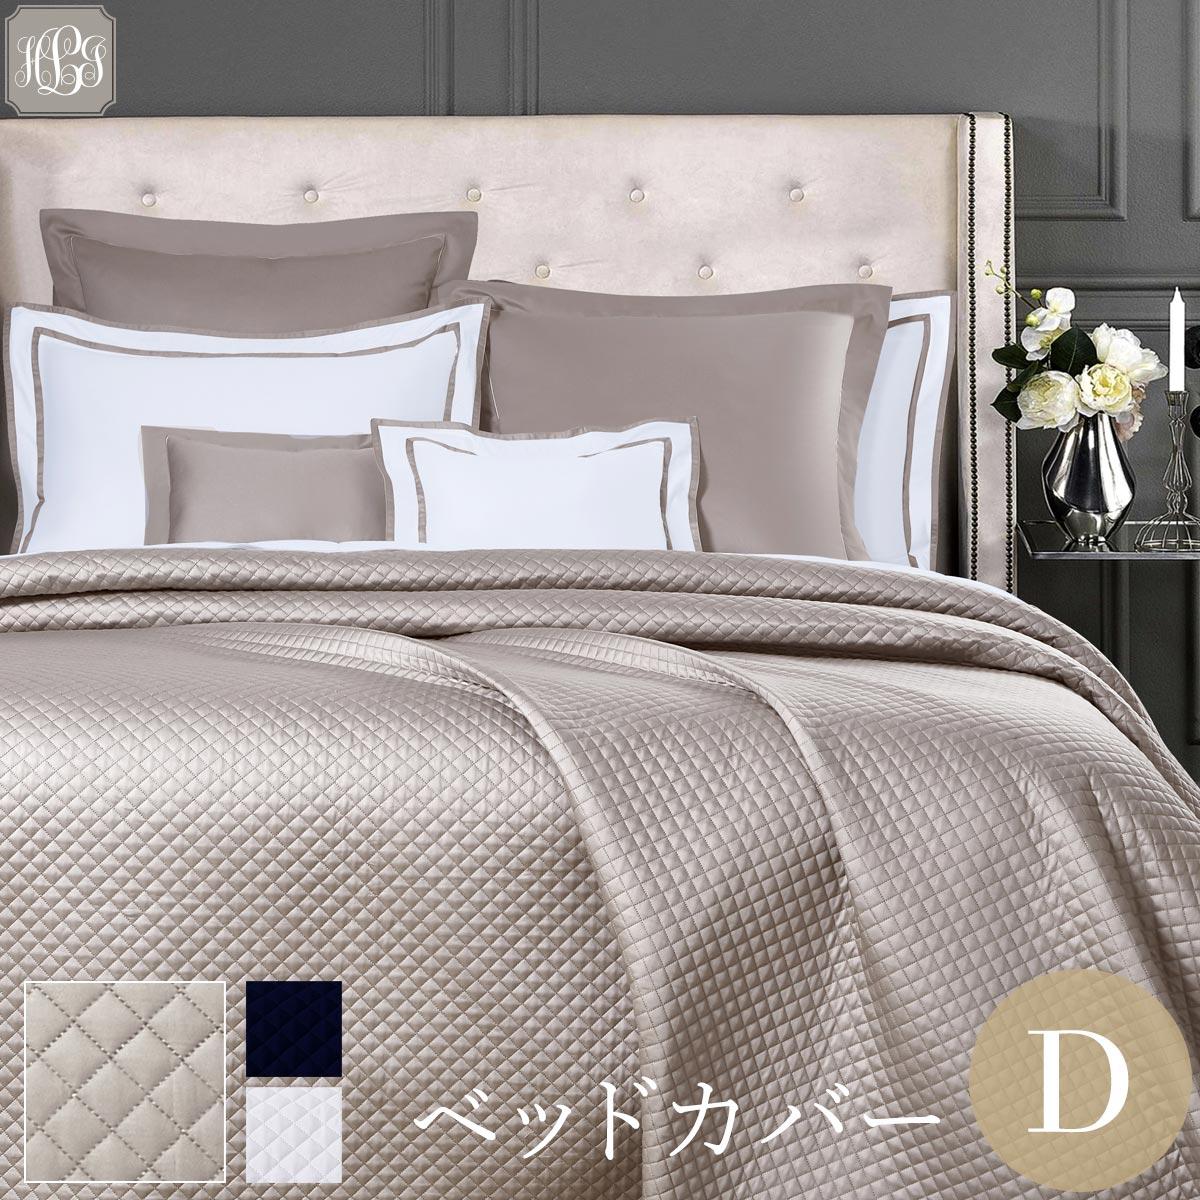 ベッドカバー | ダブル | 220×230cm | ダイヤモンドキルト